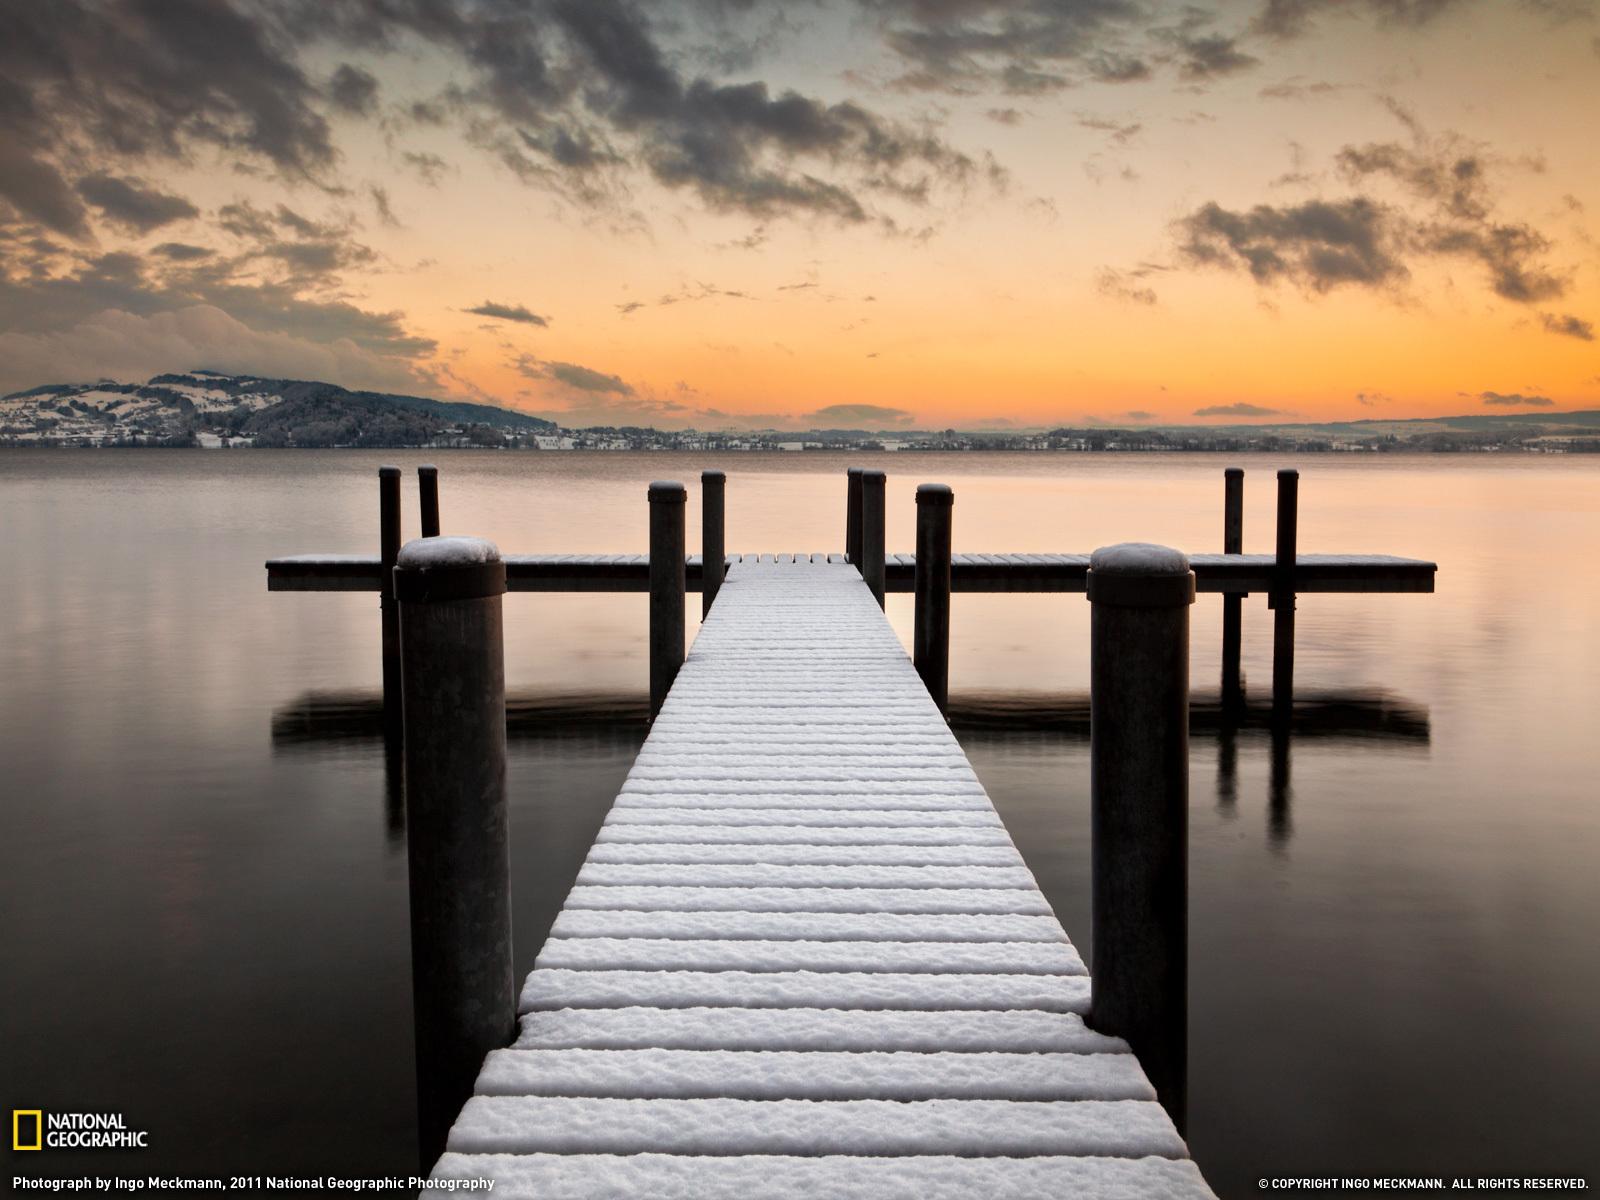 Скачать картинку Пейзаж, Горы, Озера в телефон бесплатно.